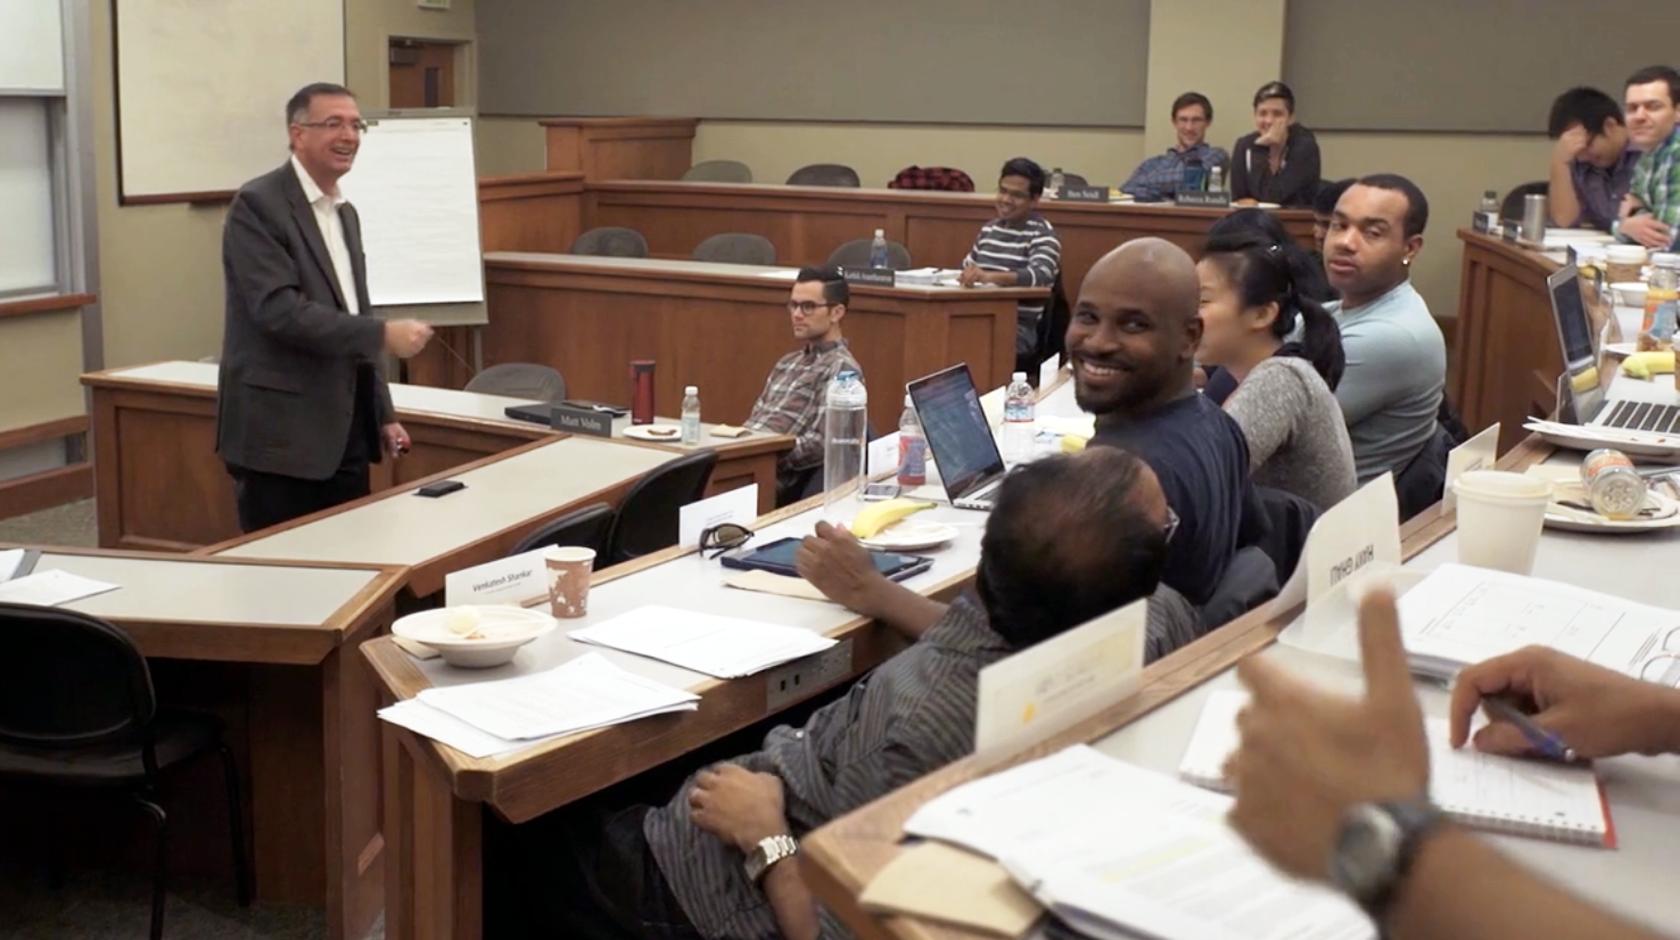 In a Berkeley MBA class